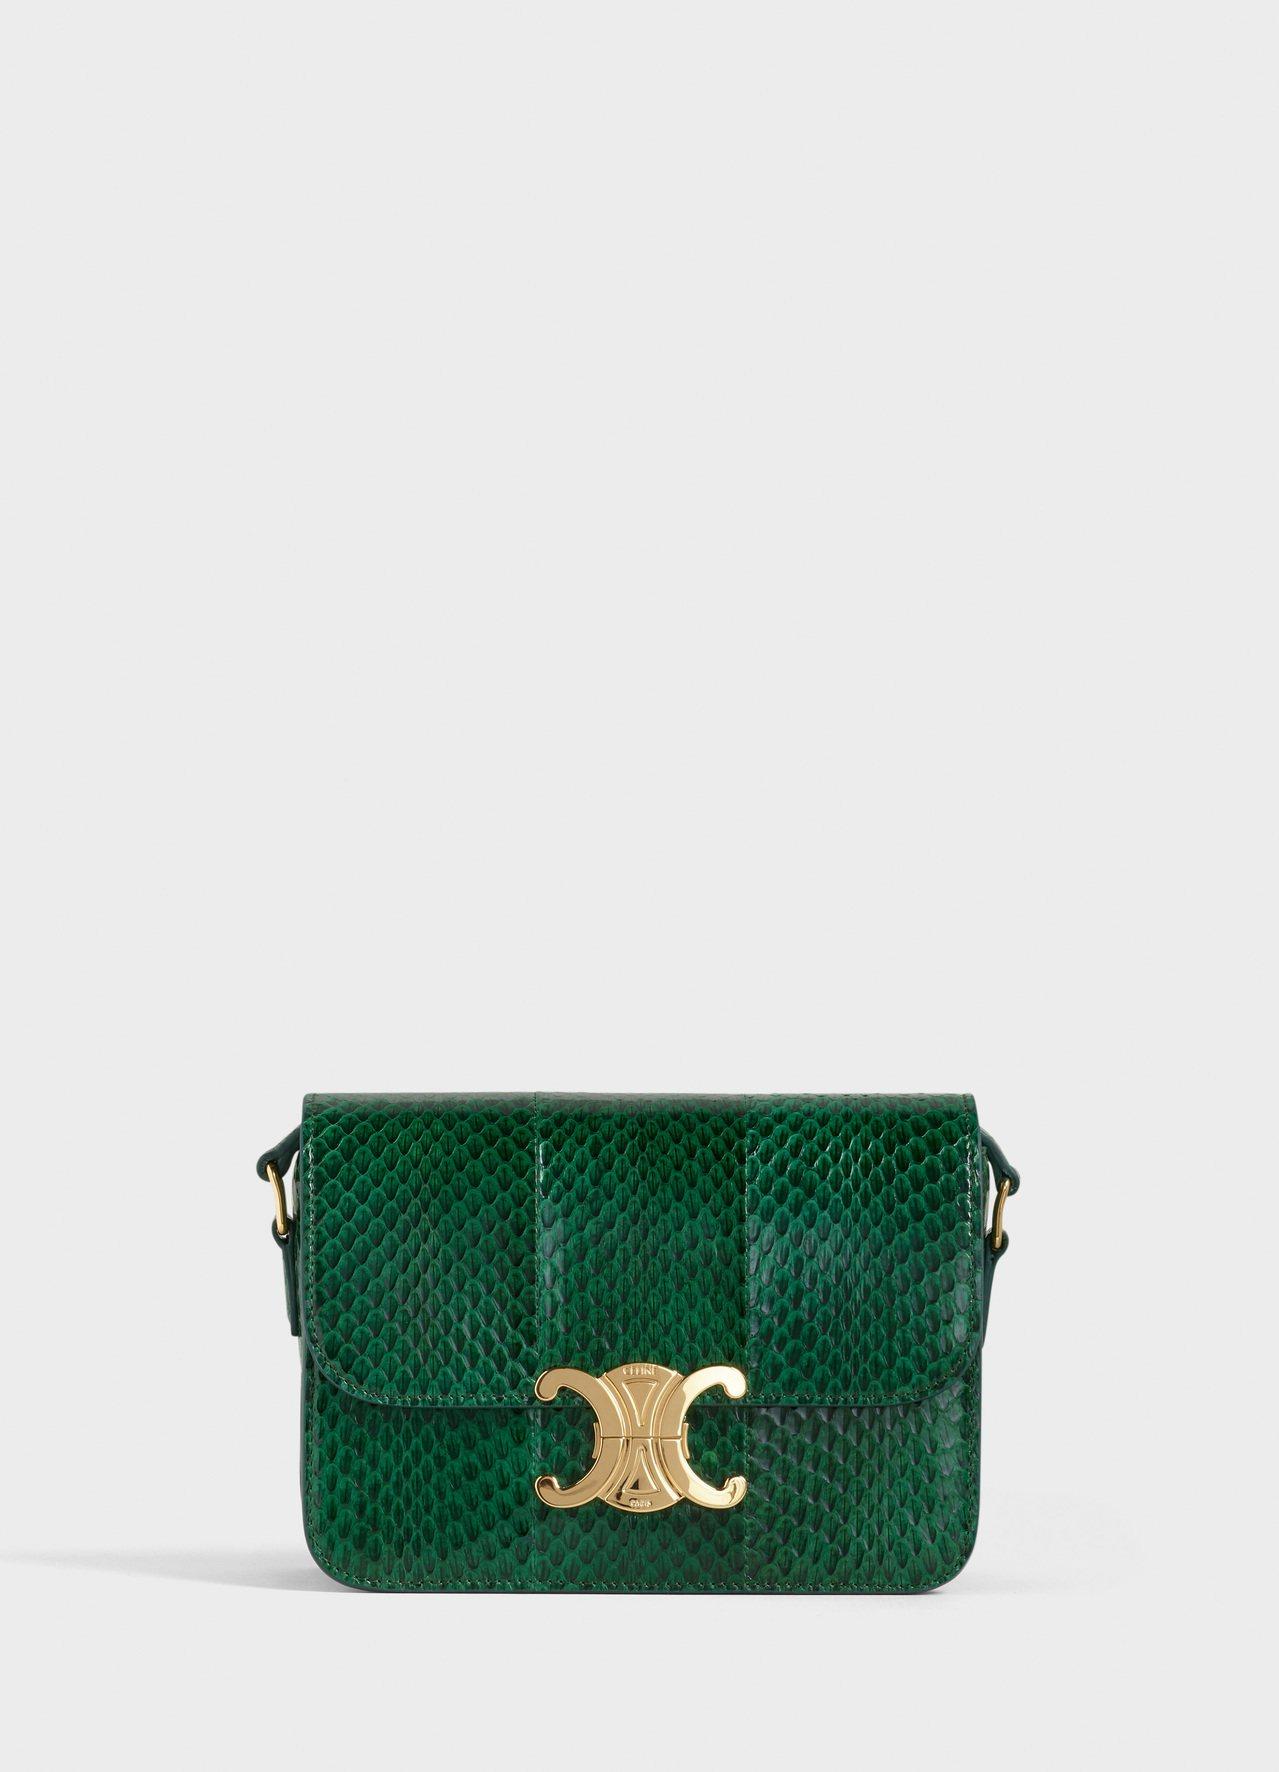 Triomphe孔雀綠水蛇皮小型肩背包,售價12萬元。圖/CELINE BY H...